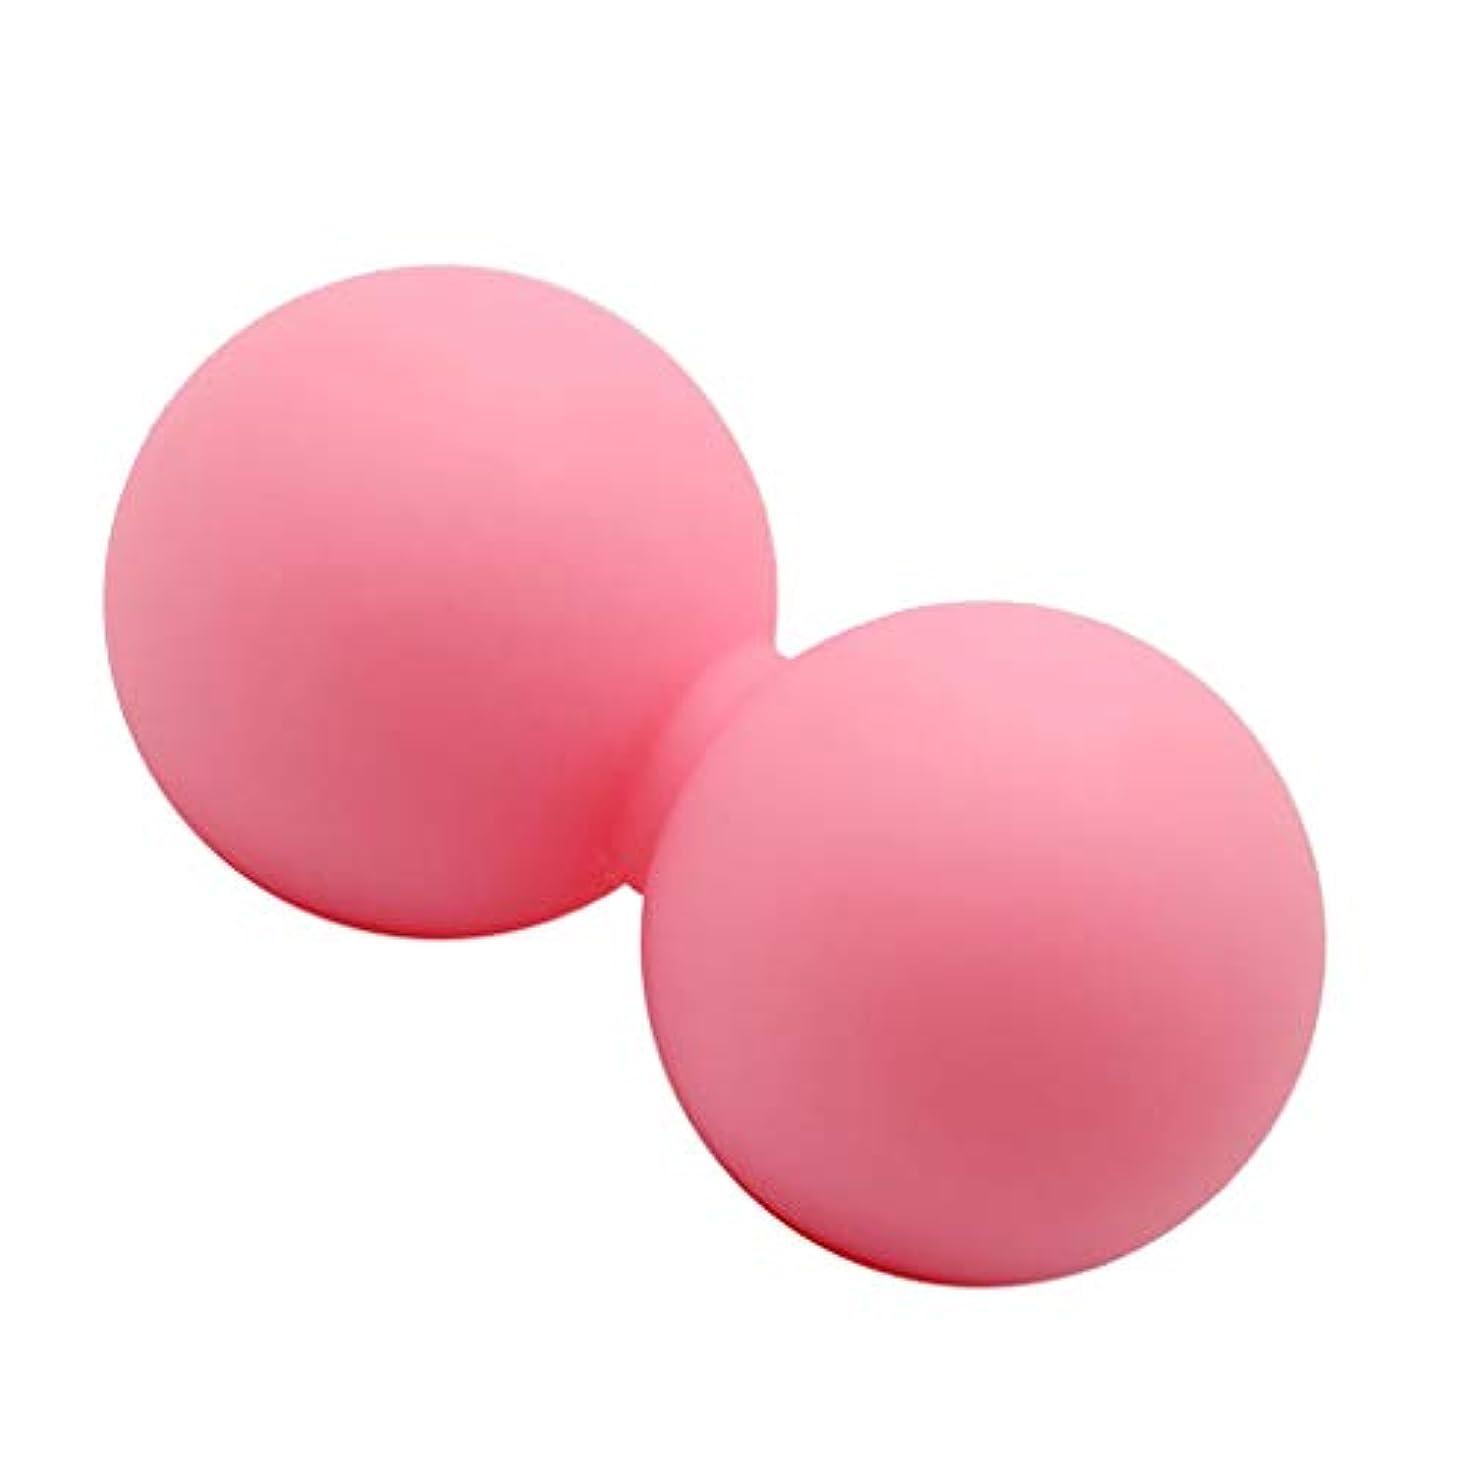 神経ウイルス指導するマッサージボール ピーナッツ シリコン 足 足首 腕 首 背中 ボディマッサージ ピンク